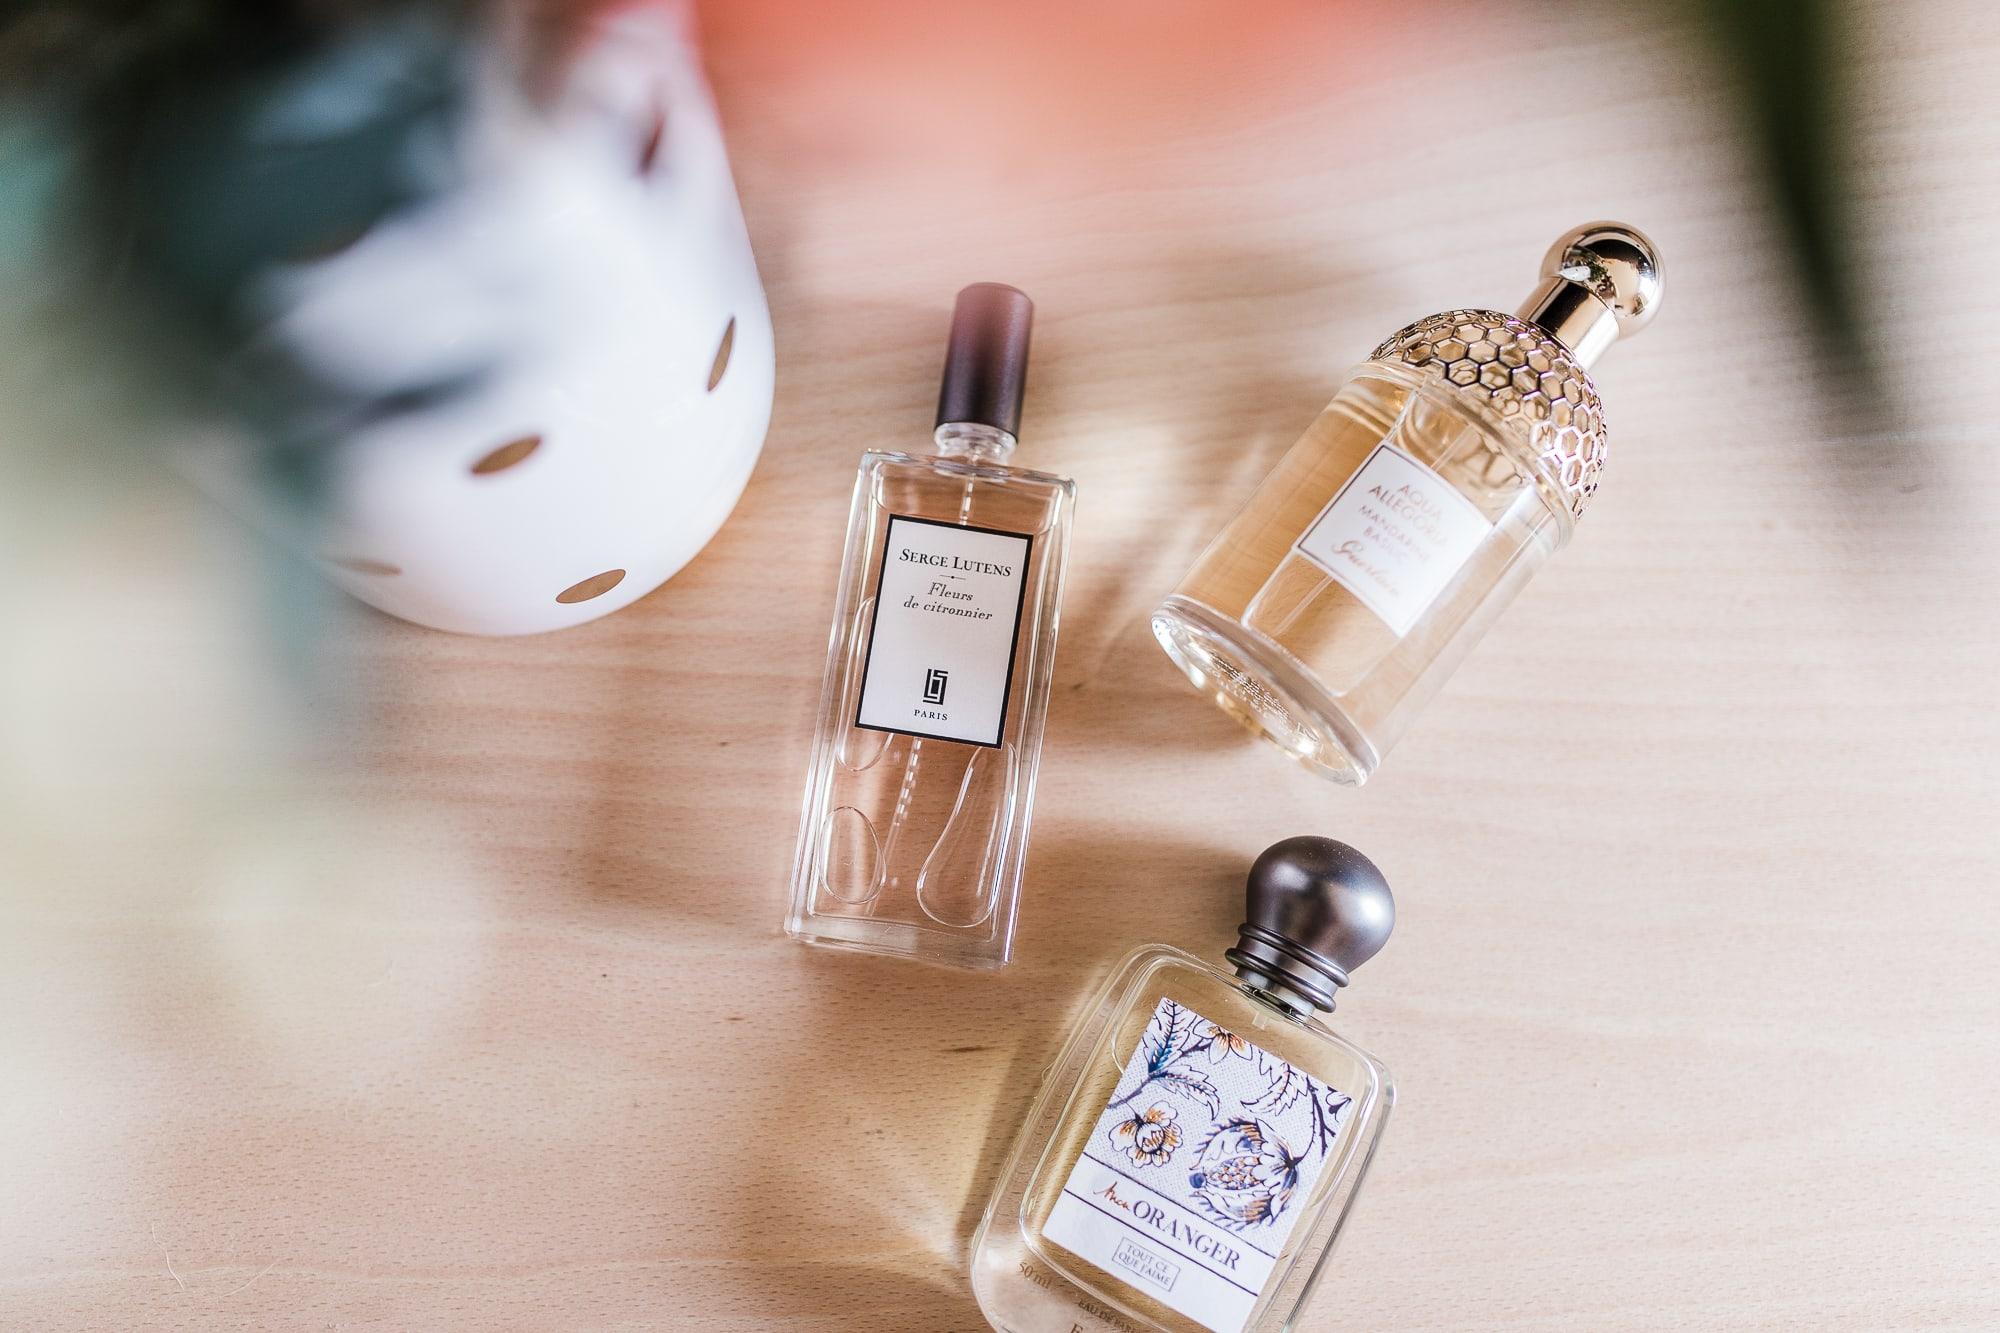 Premiers jours de printemps : mes parfums préférés - Serge Lutens Fleur de Citronnier, Fragonard Mon Oranger, Guerlain Aqua Allegoria Mandarine Basilic